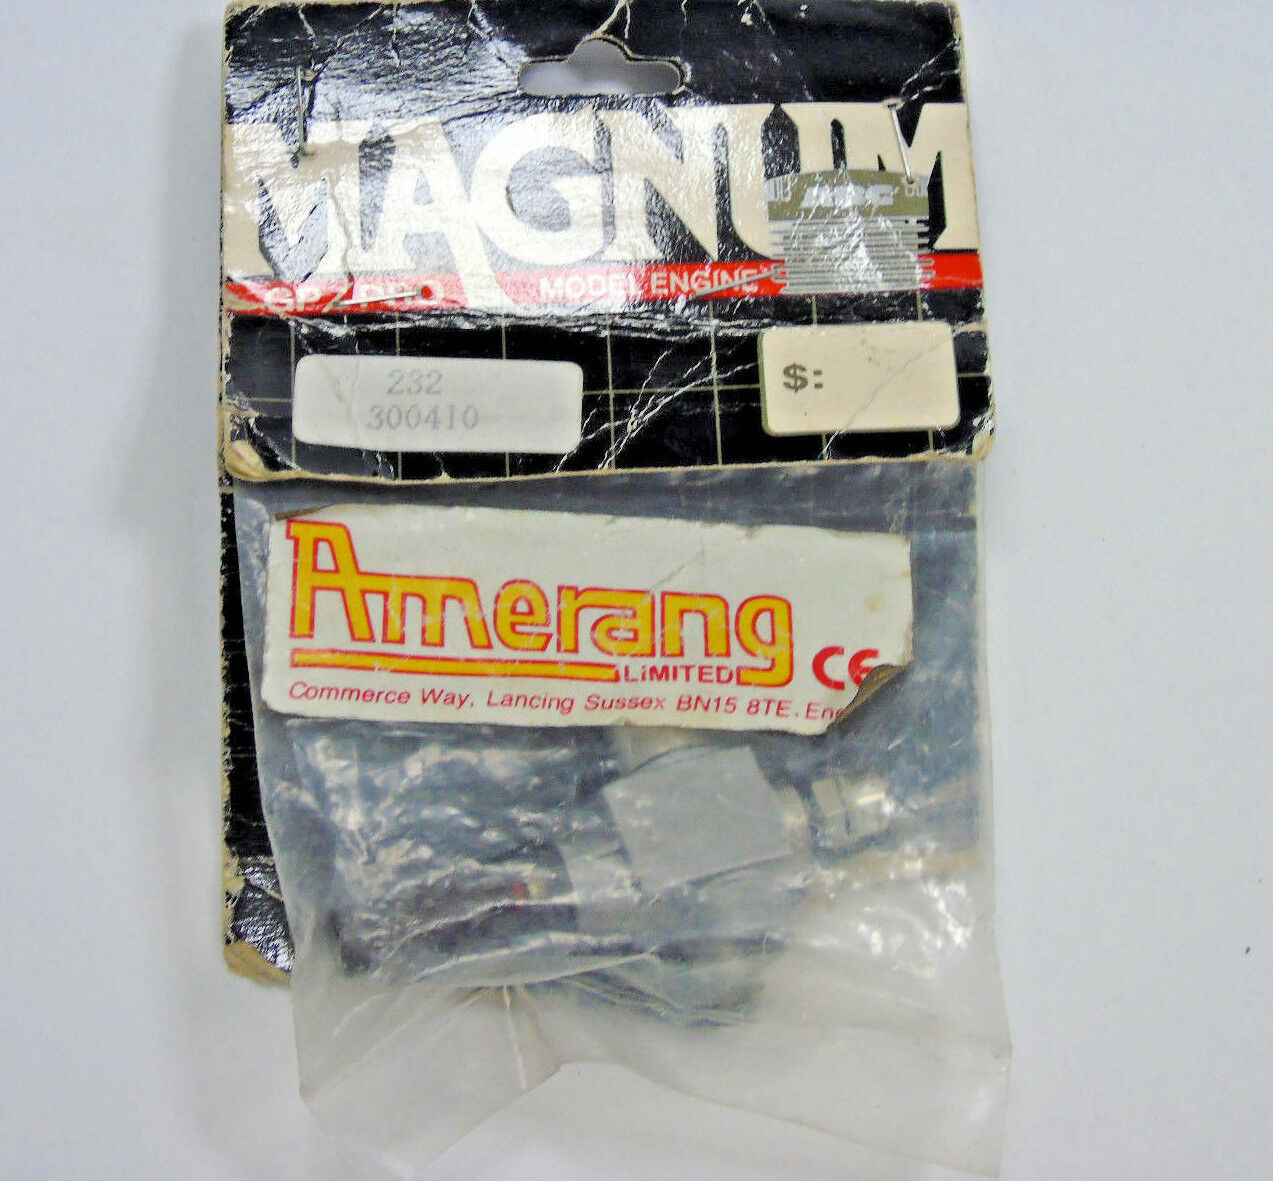 300410 Magnum 232 Go/Pro Très Carburateur Carb Corps Très Go/Pro Rare Neuf Dans Paquet a69845